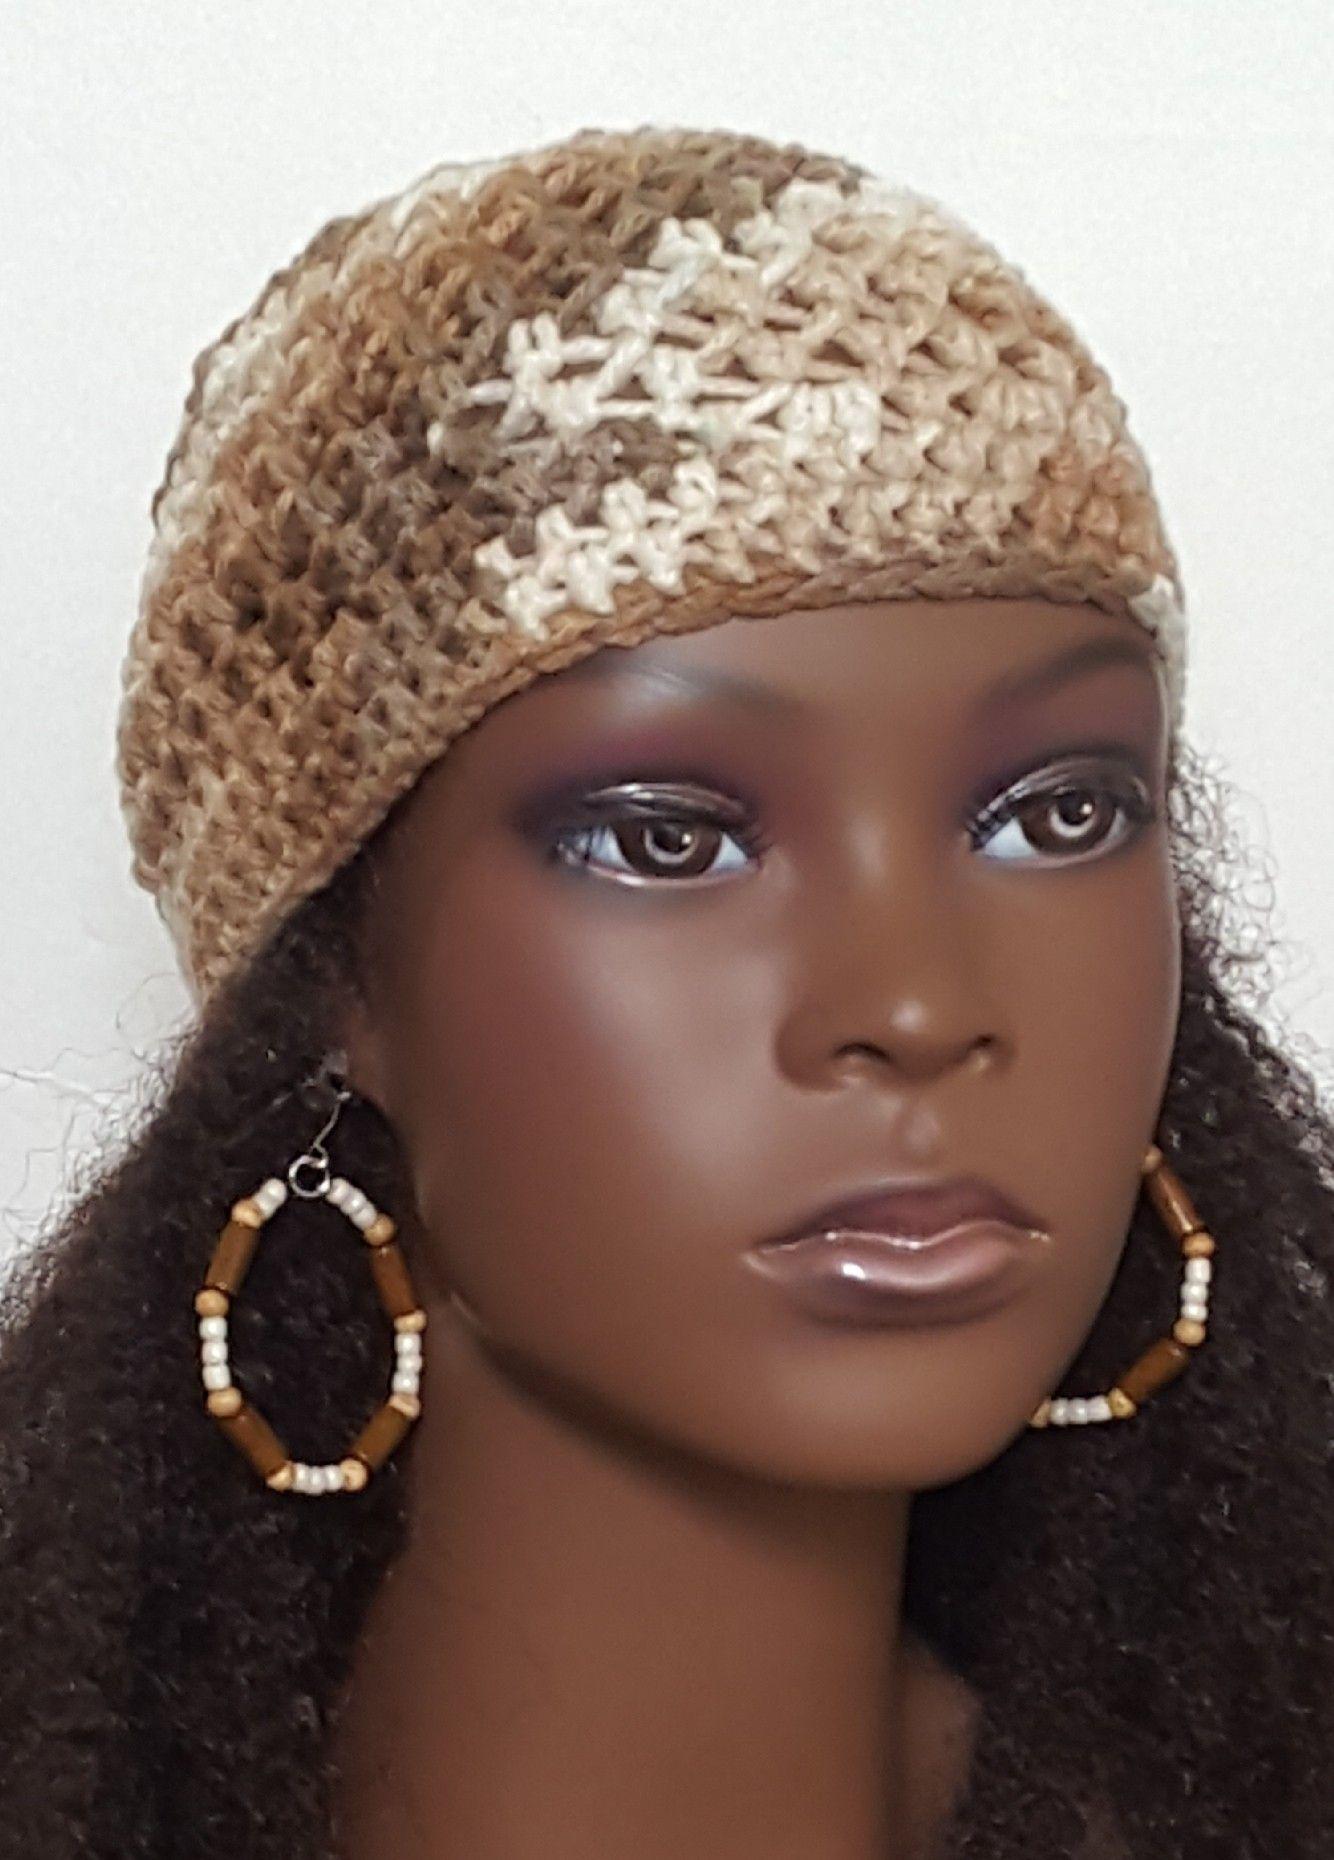 Crochet Skullcap And Earrings By Razonda Lee Crochet Skull Caps